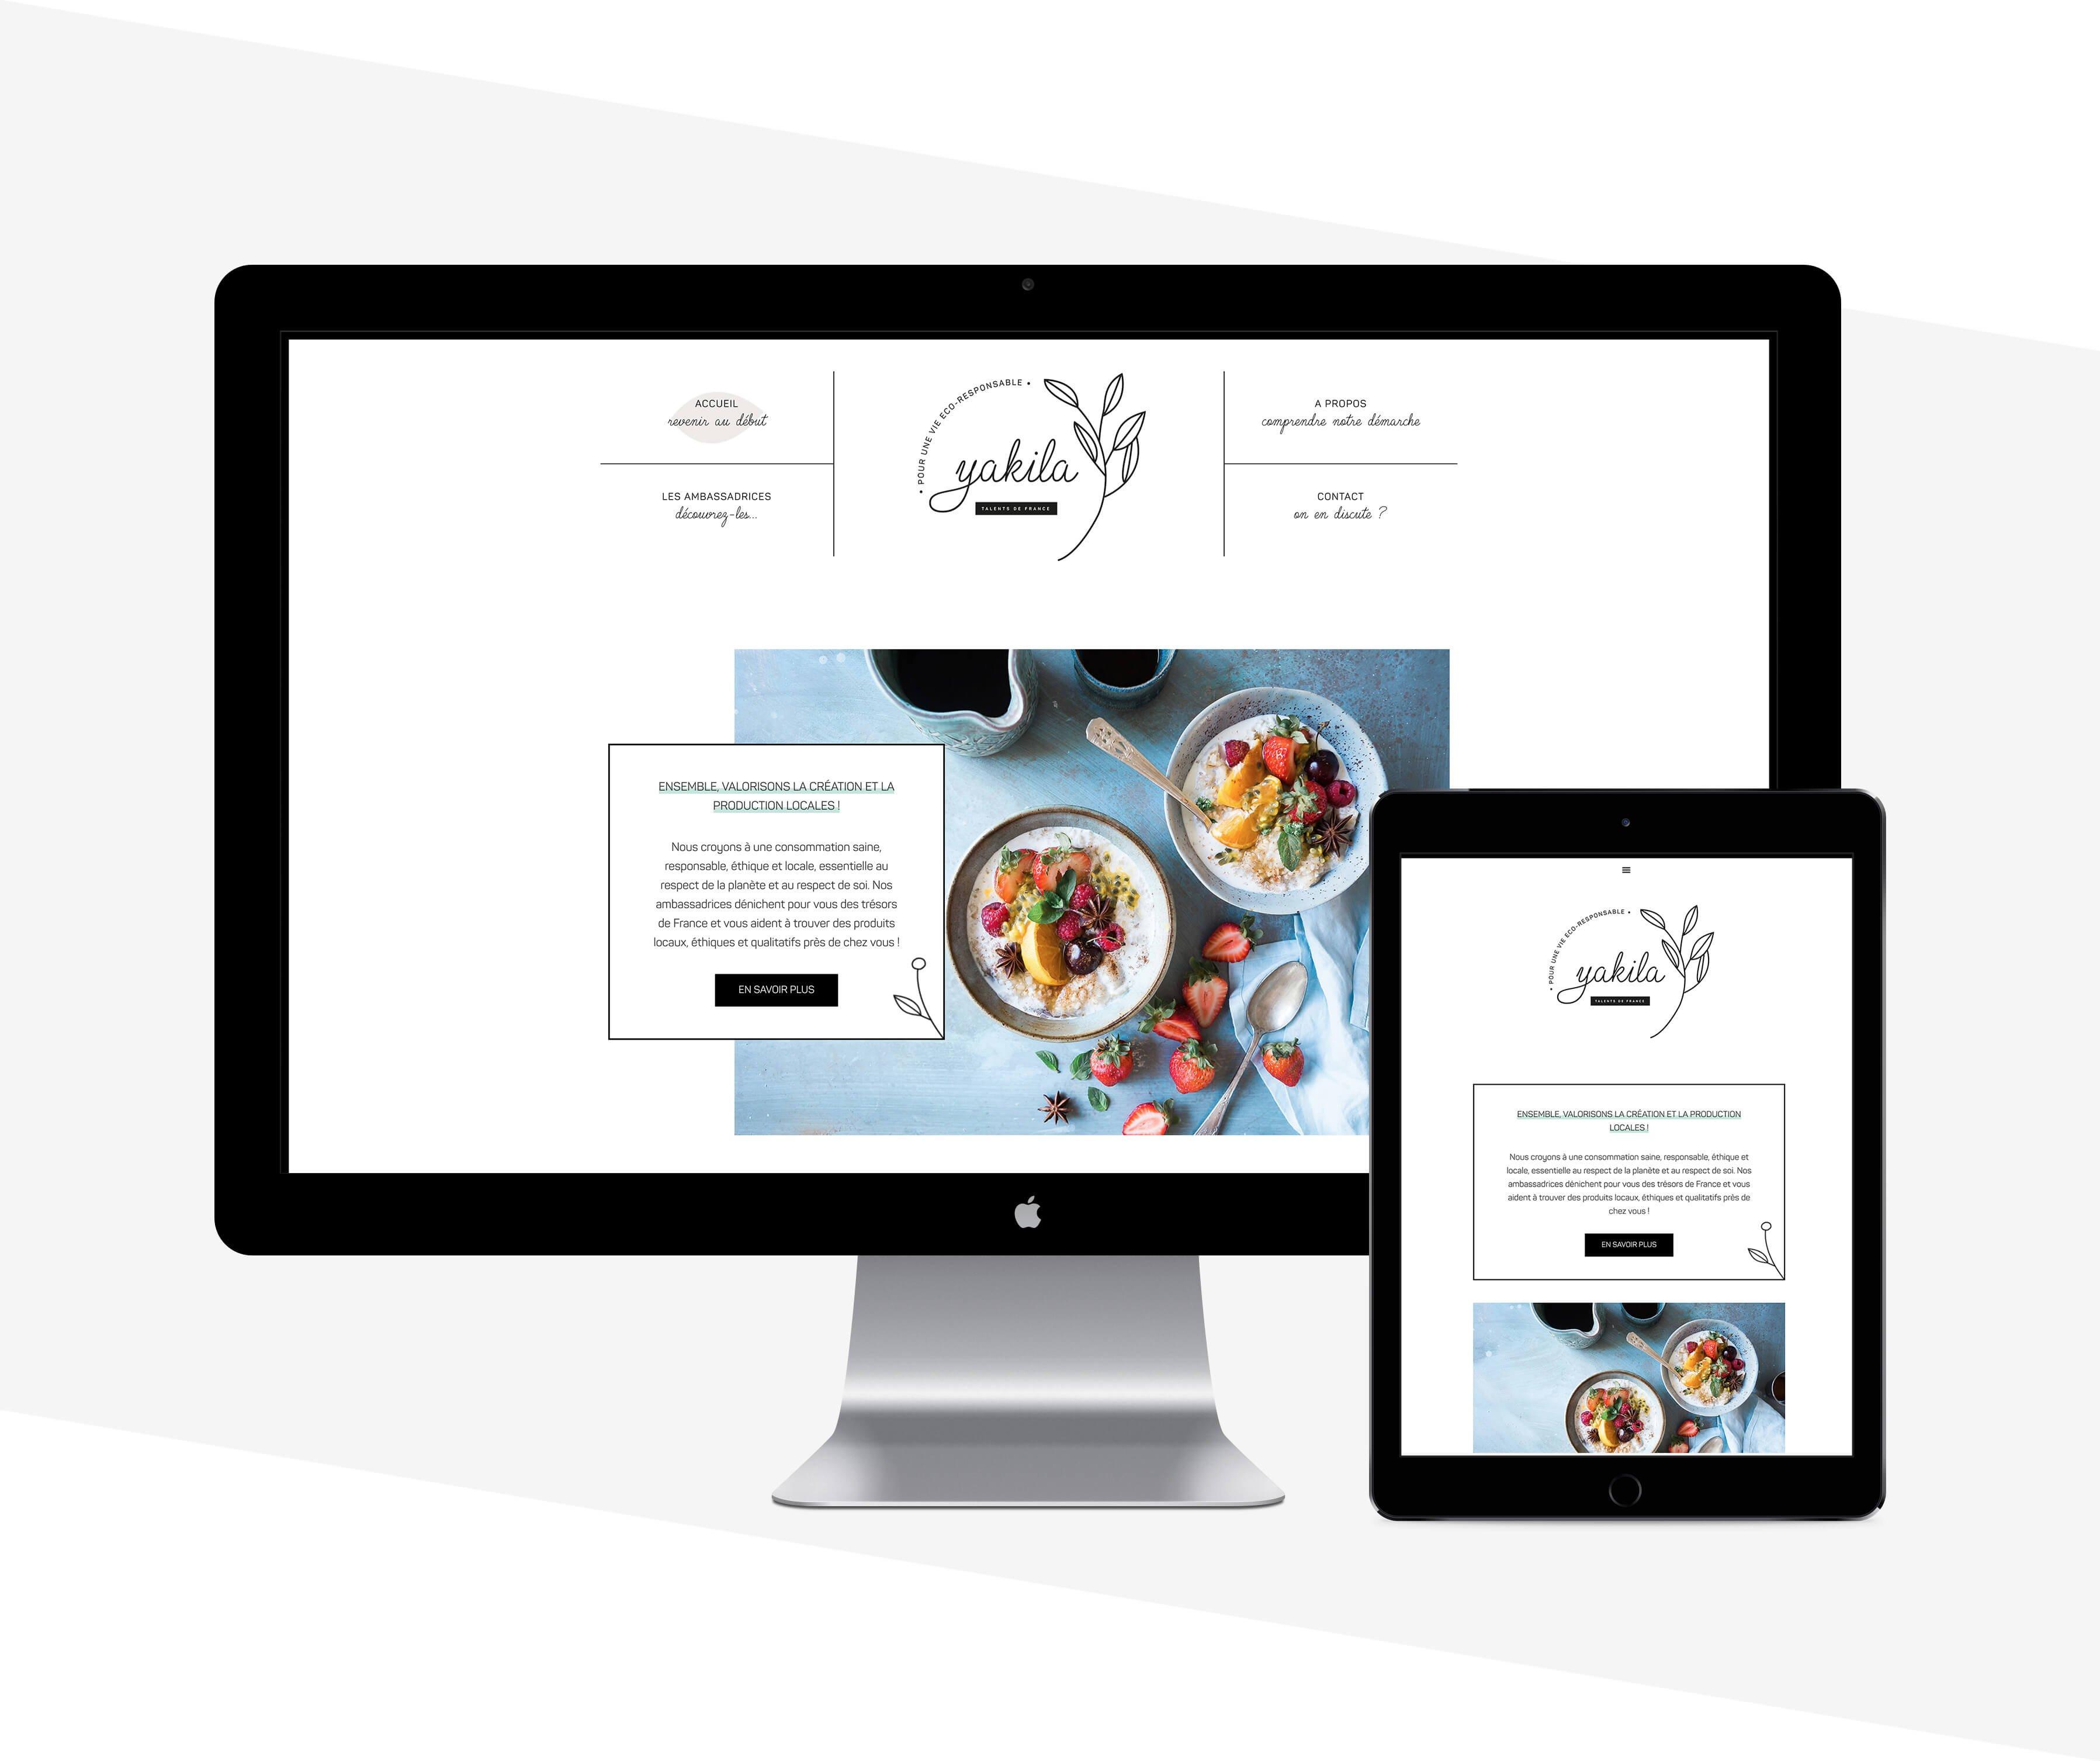 webdesign yakila webarcana